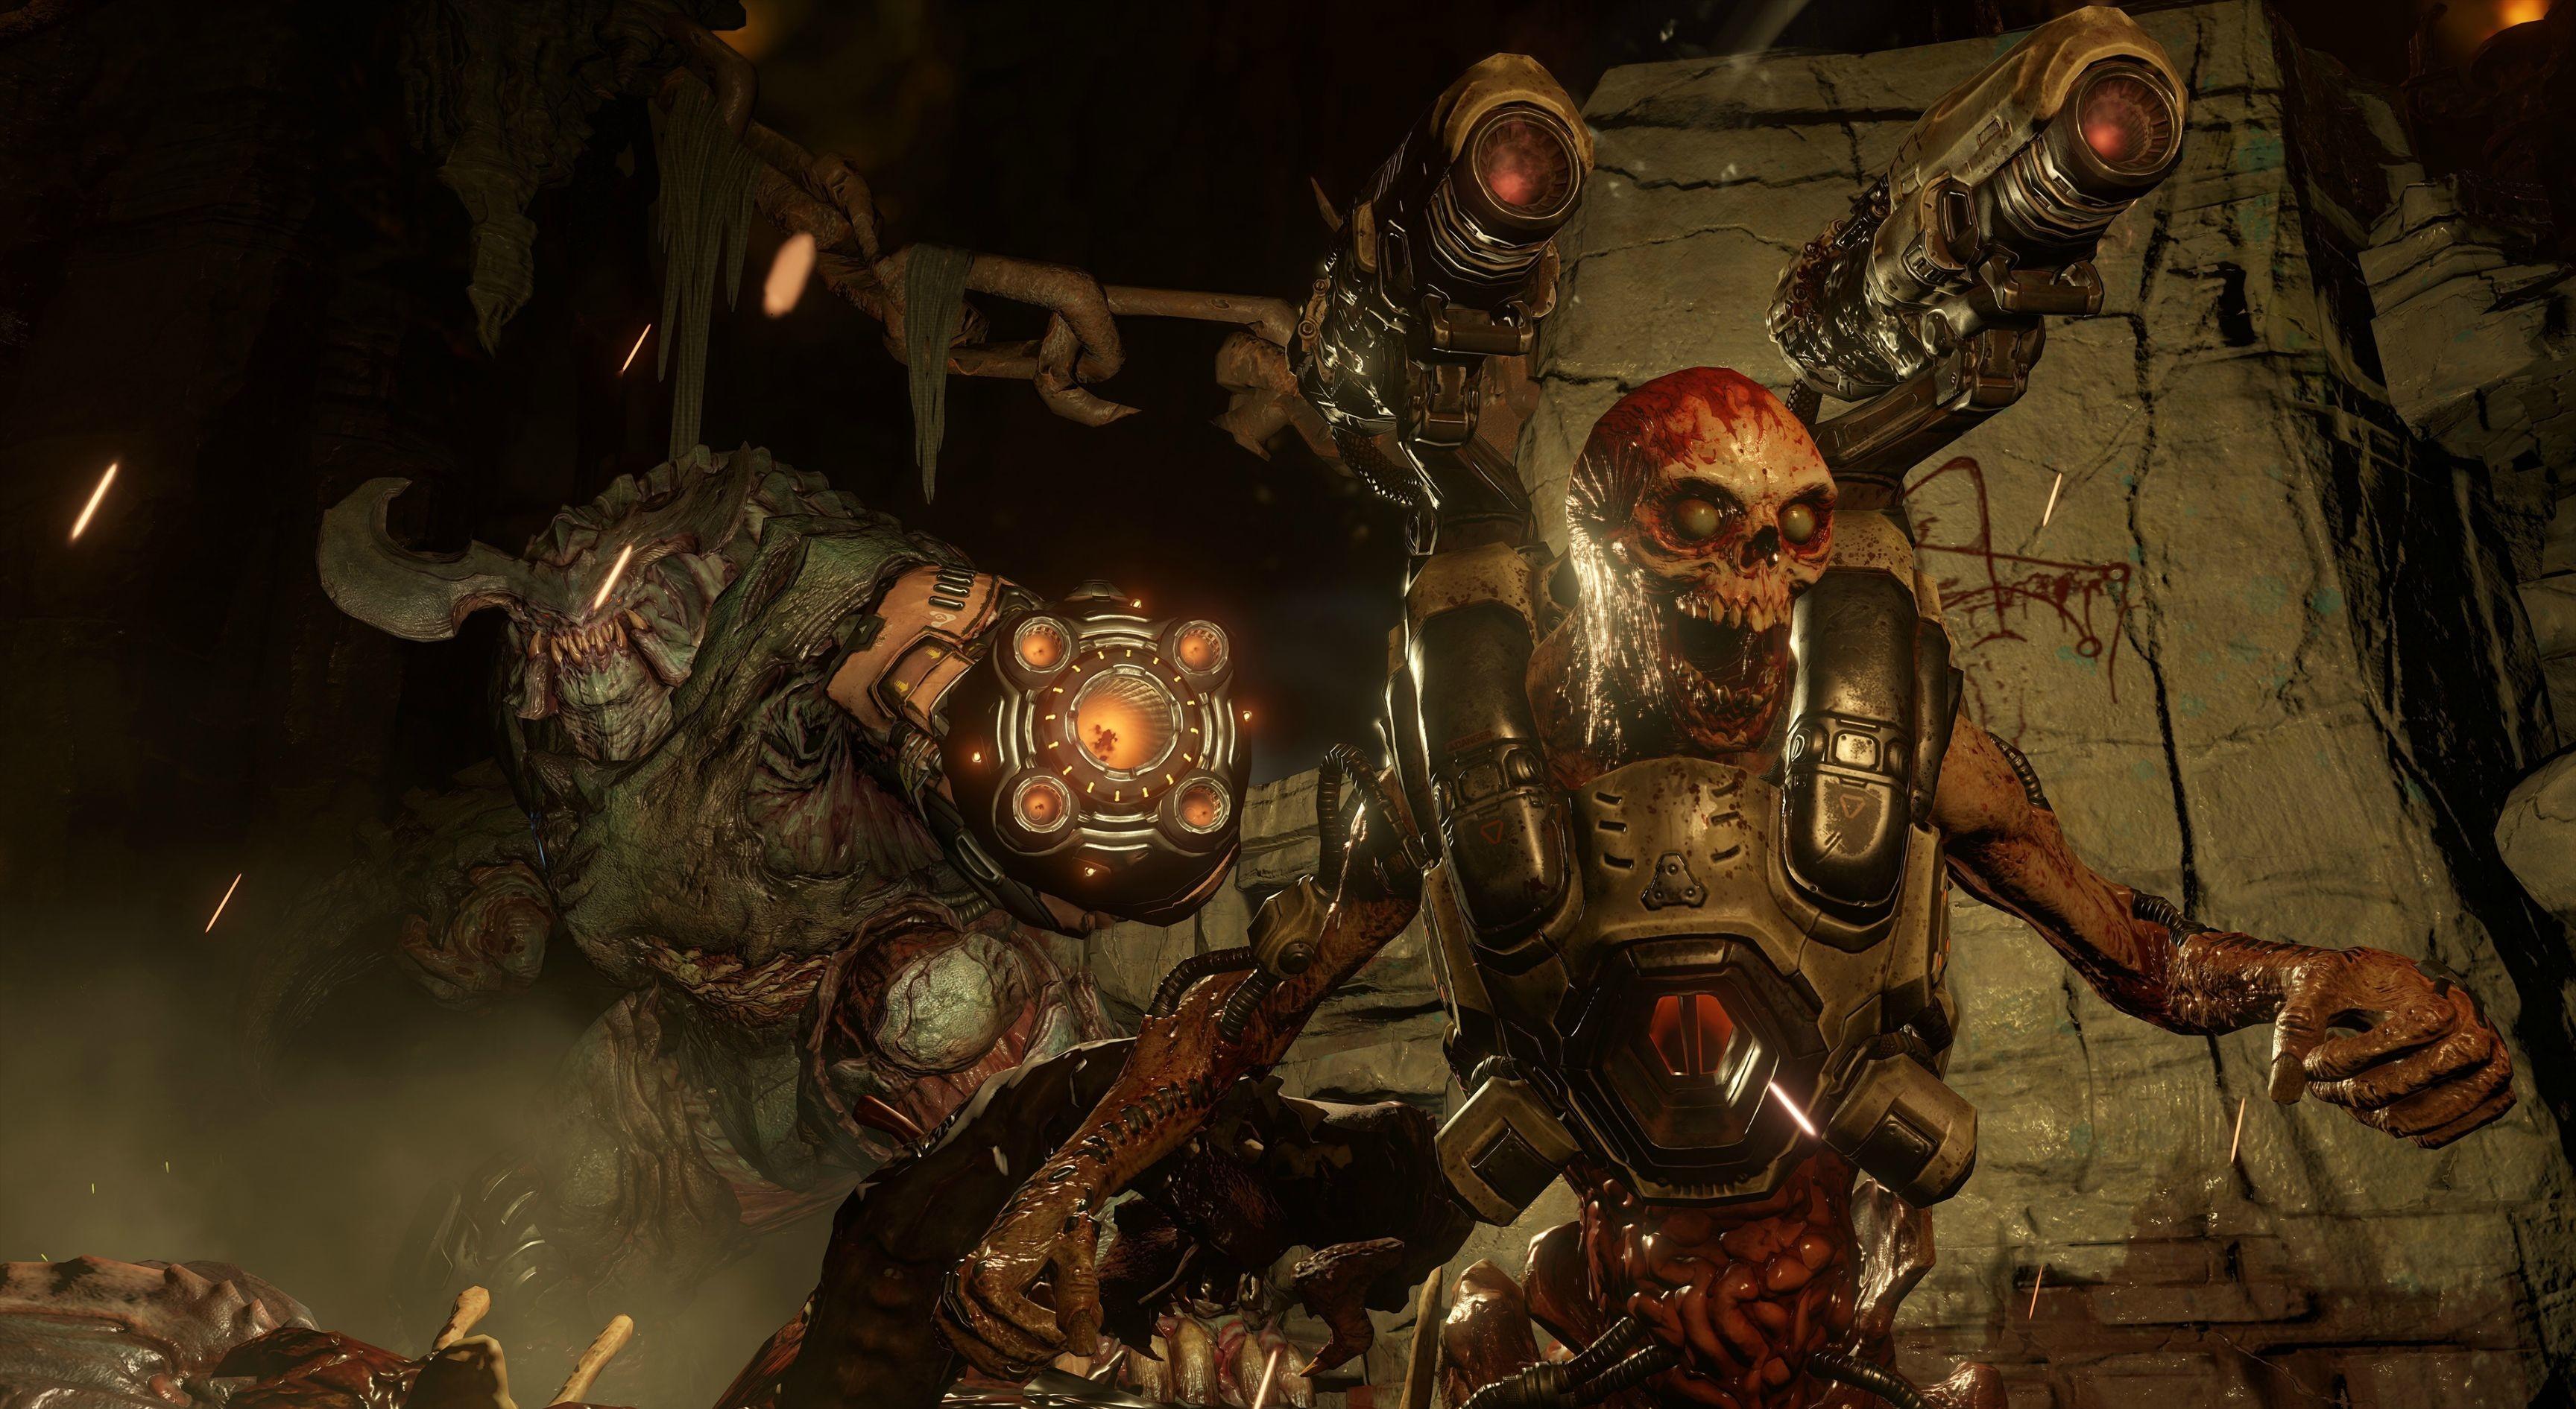 Doom 2016 Poster Doom 2016 Video Game Wallpaper